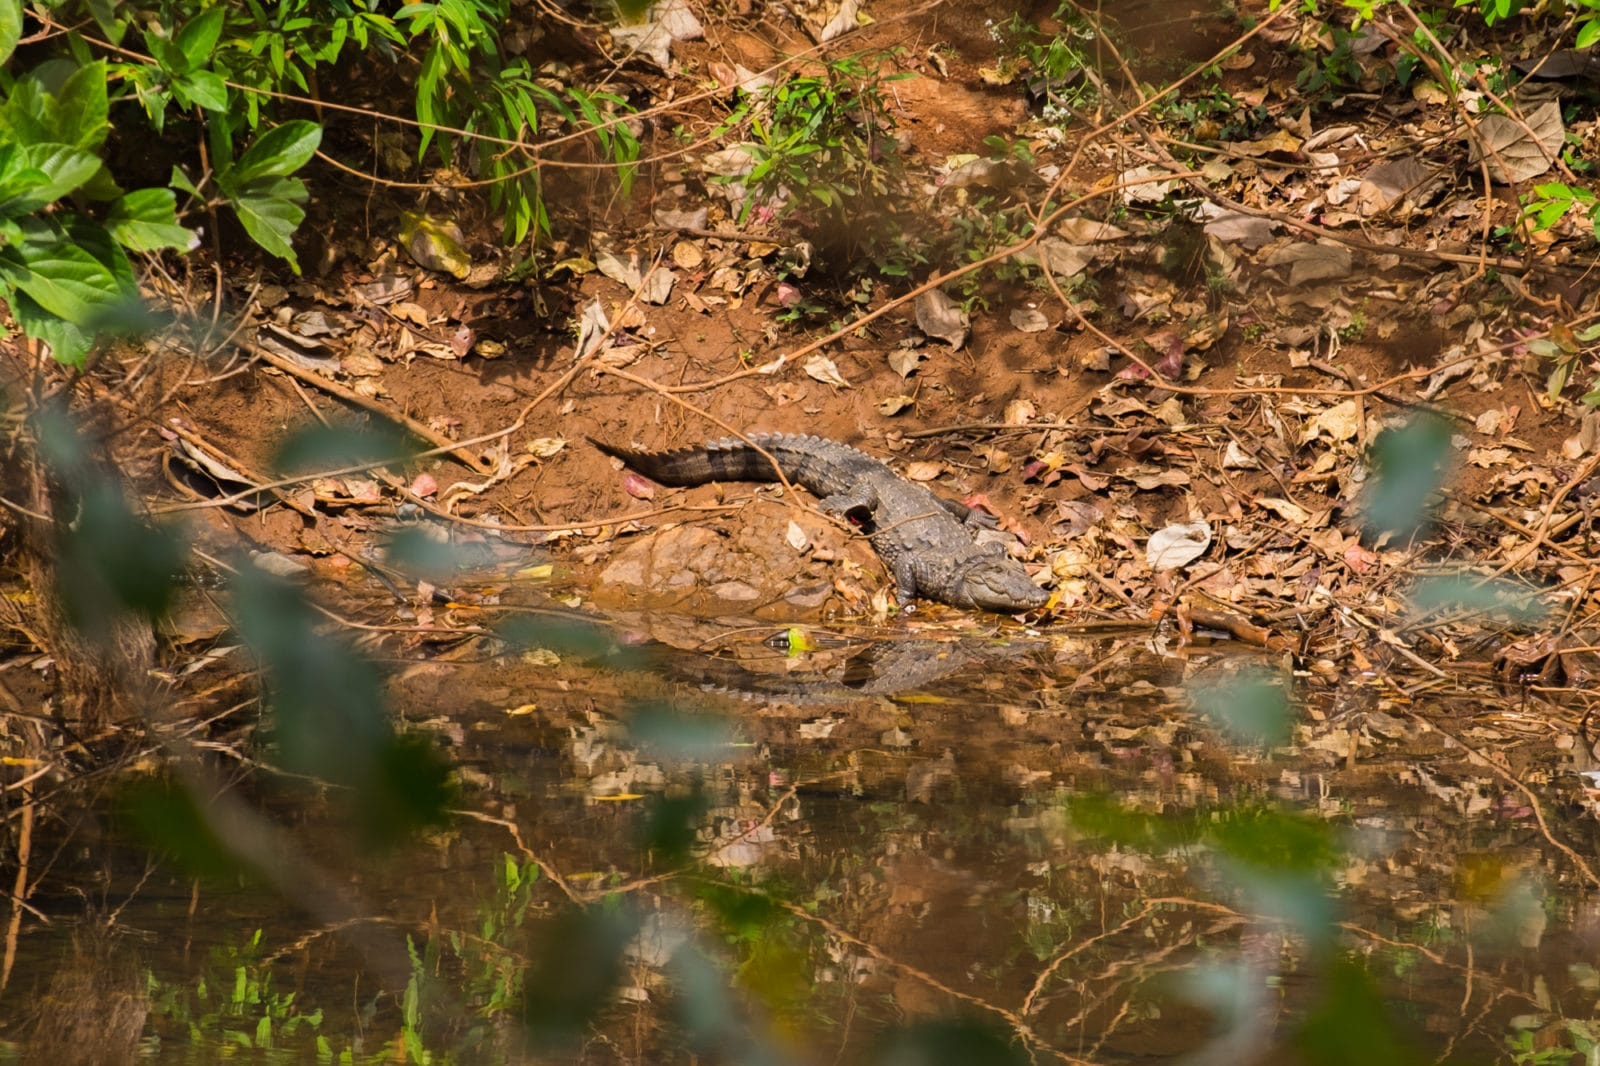 Crocodile at Panhalkaji caves